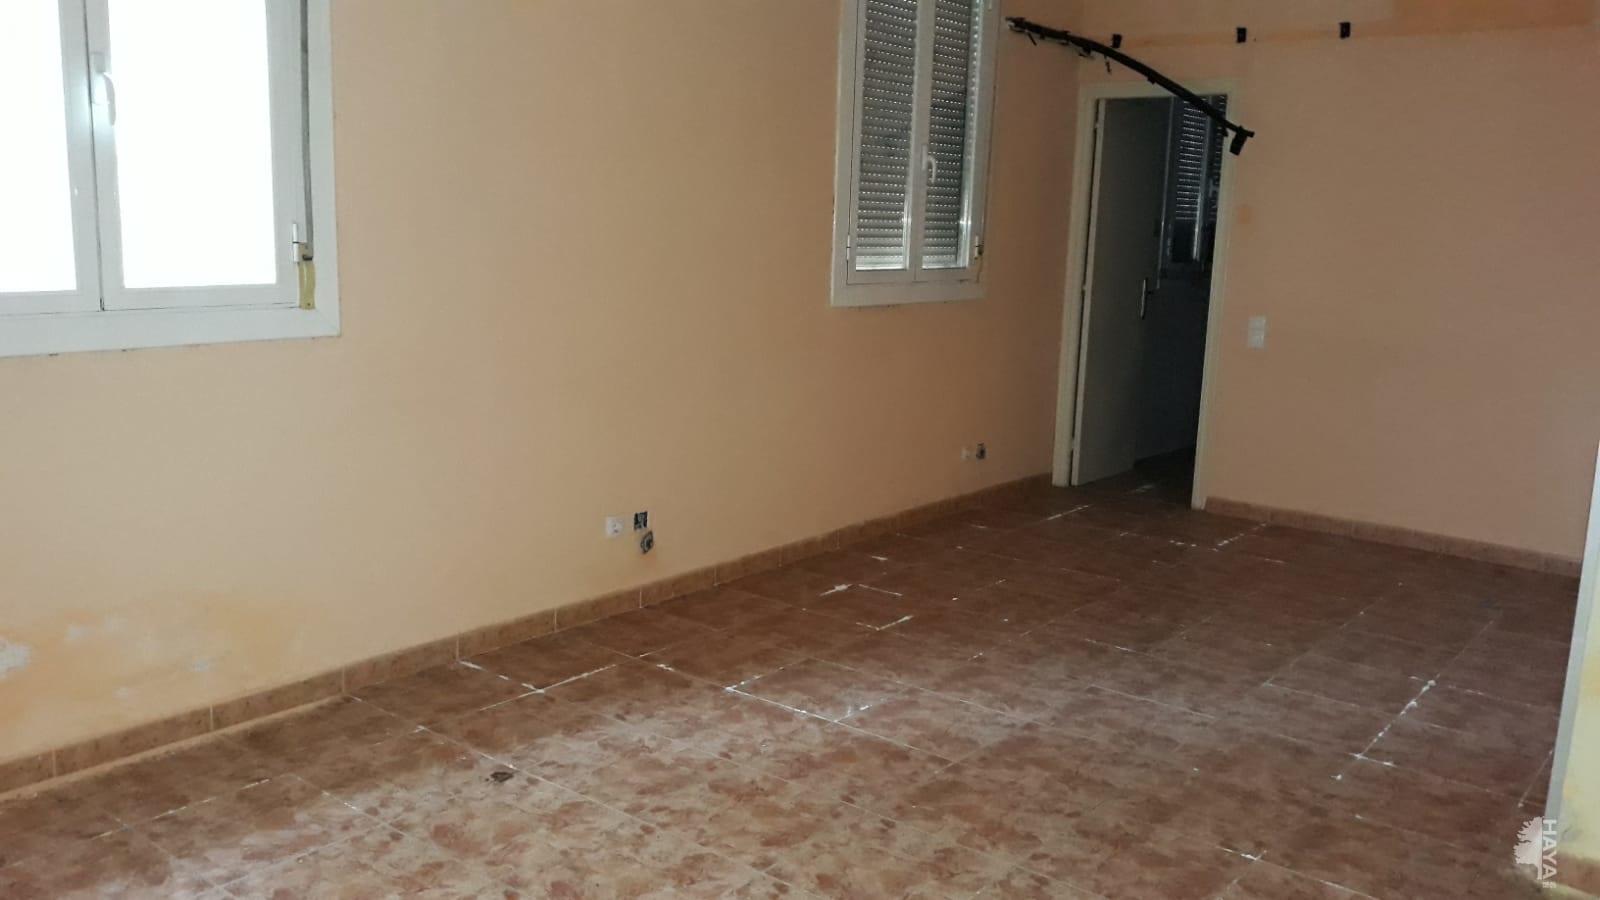 Piso en venta en Lleida, Lleida, Pasaje Miguel Fargas, 44.594 €, 2 habitaciones, 1 baño, 101 m2